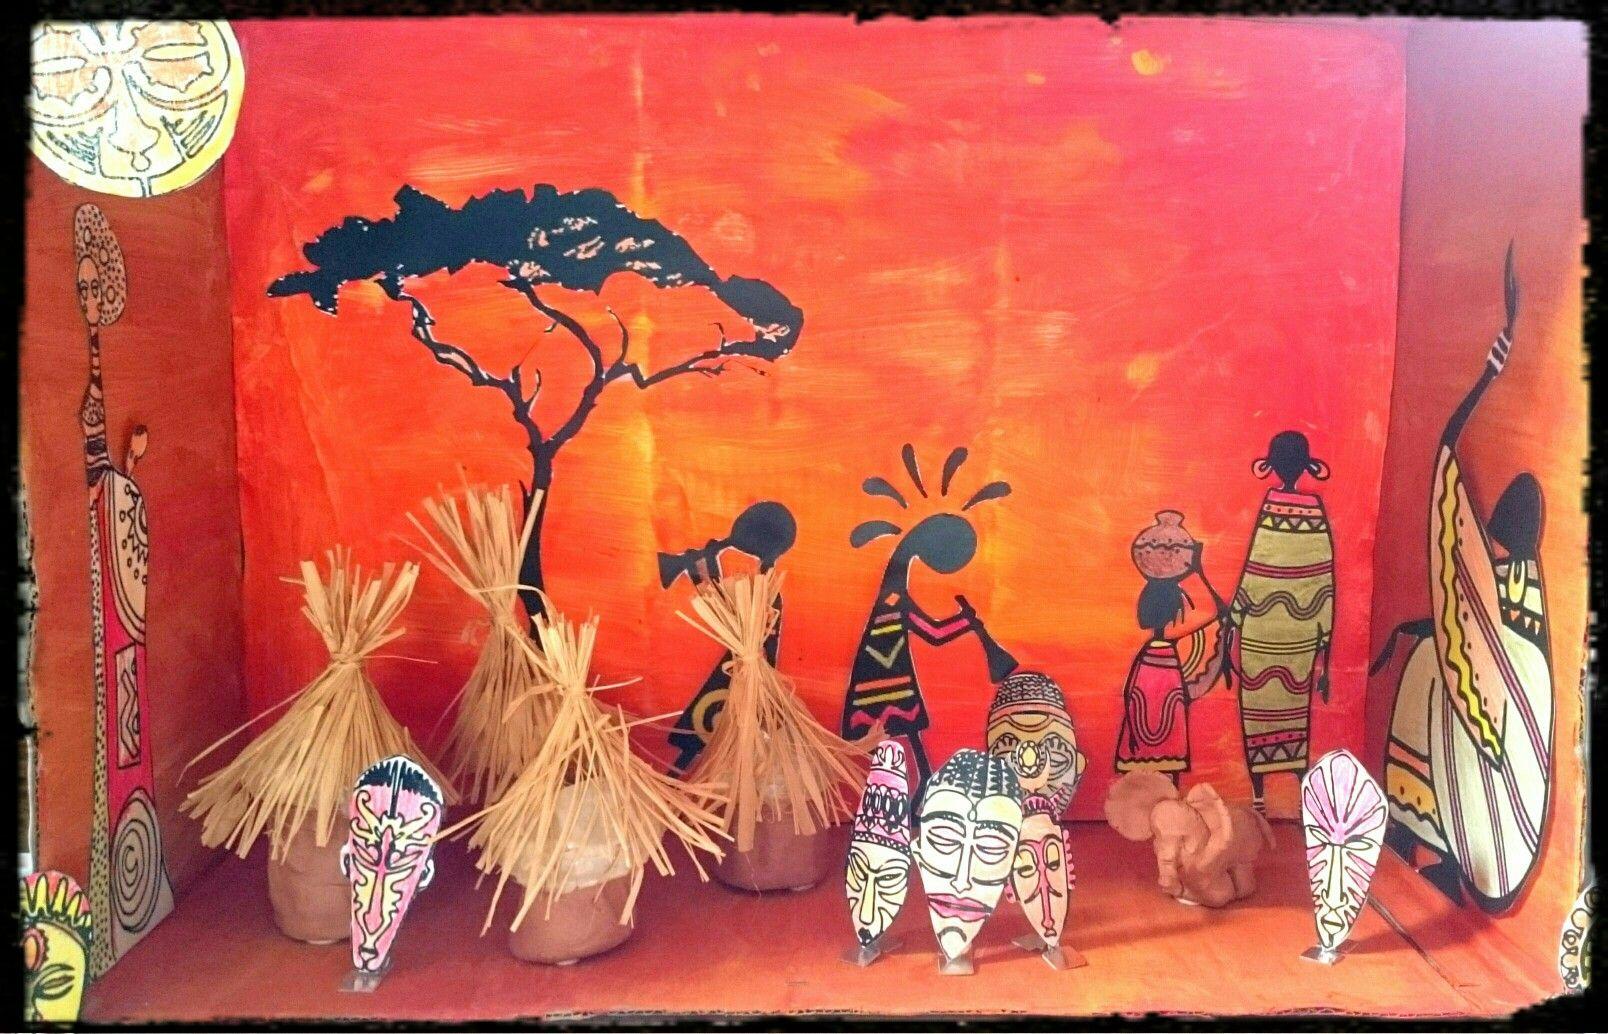 Maquette Afrique | Activité Manuelle Afrique, Afrique à Activité Manuelle Afrique